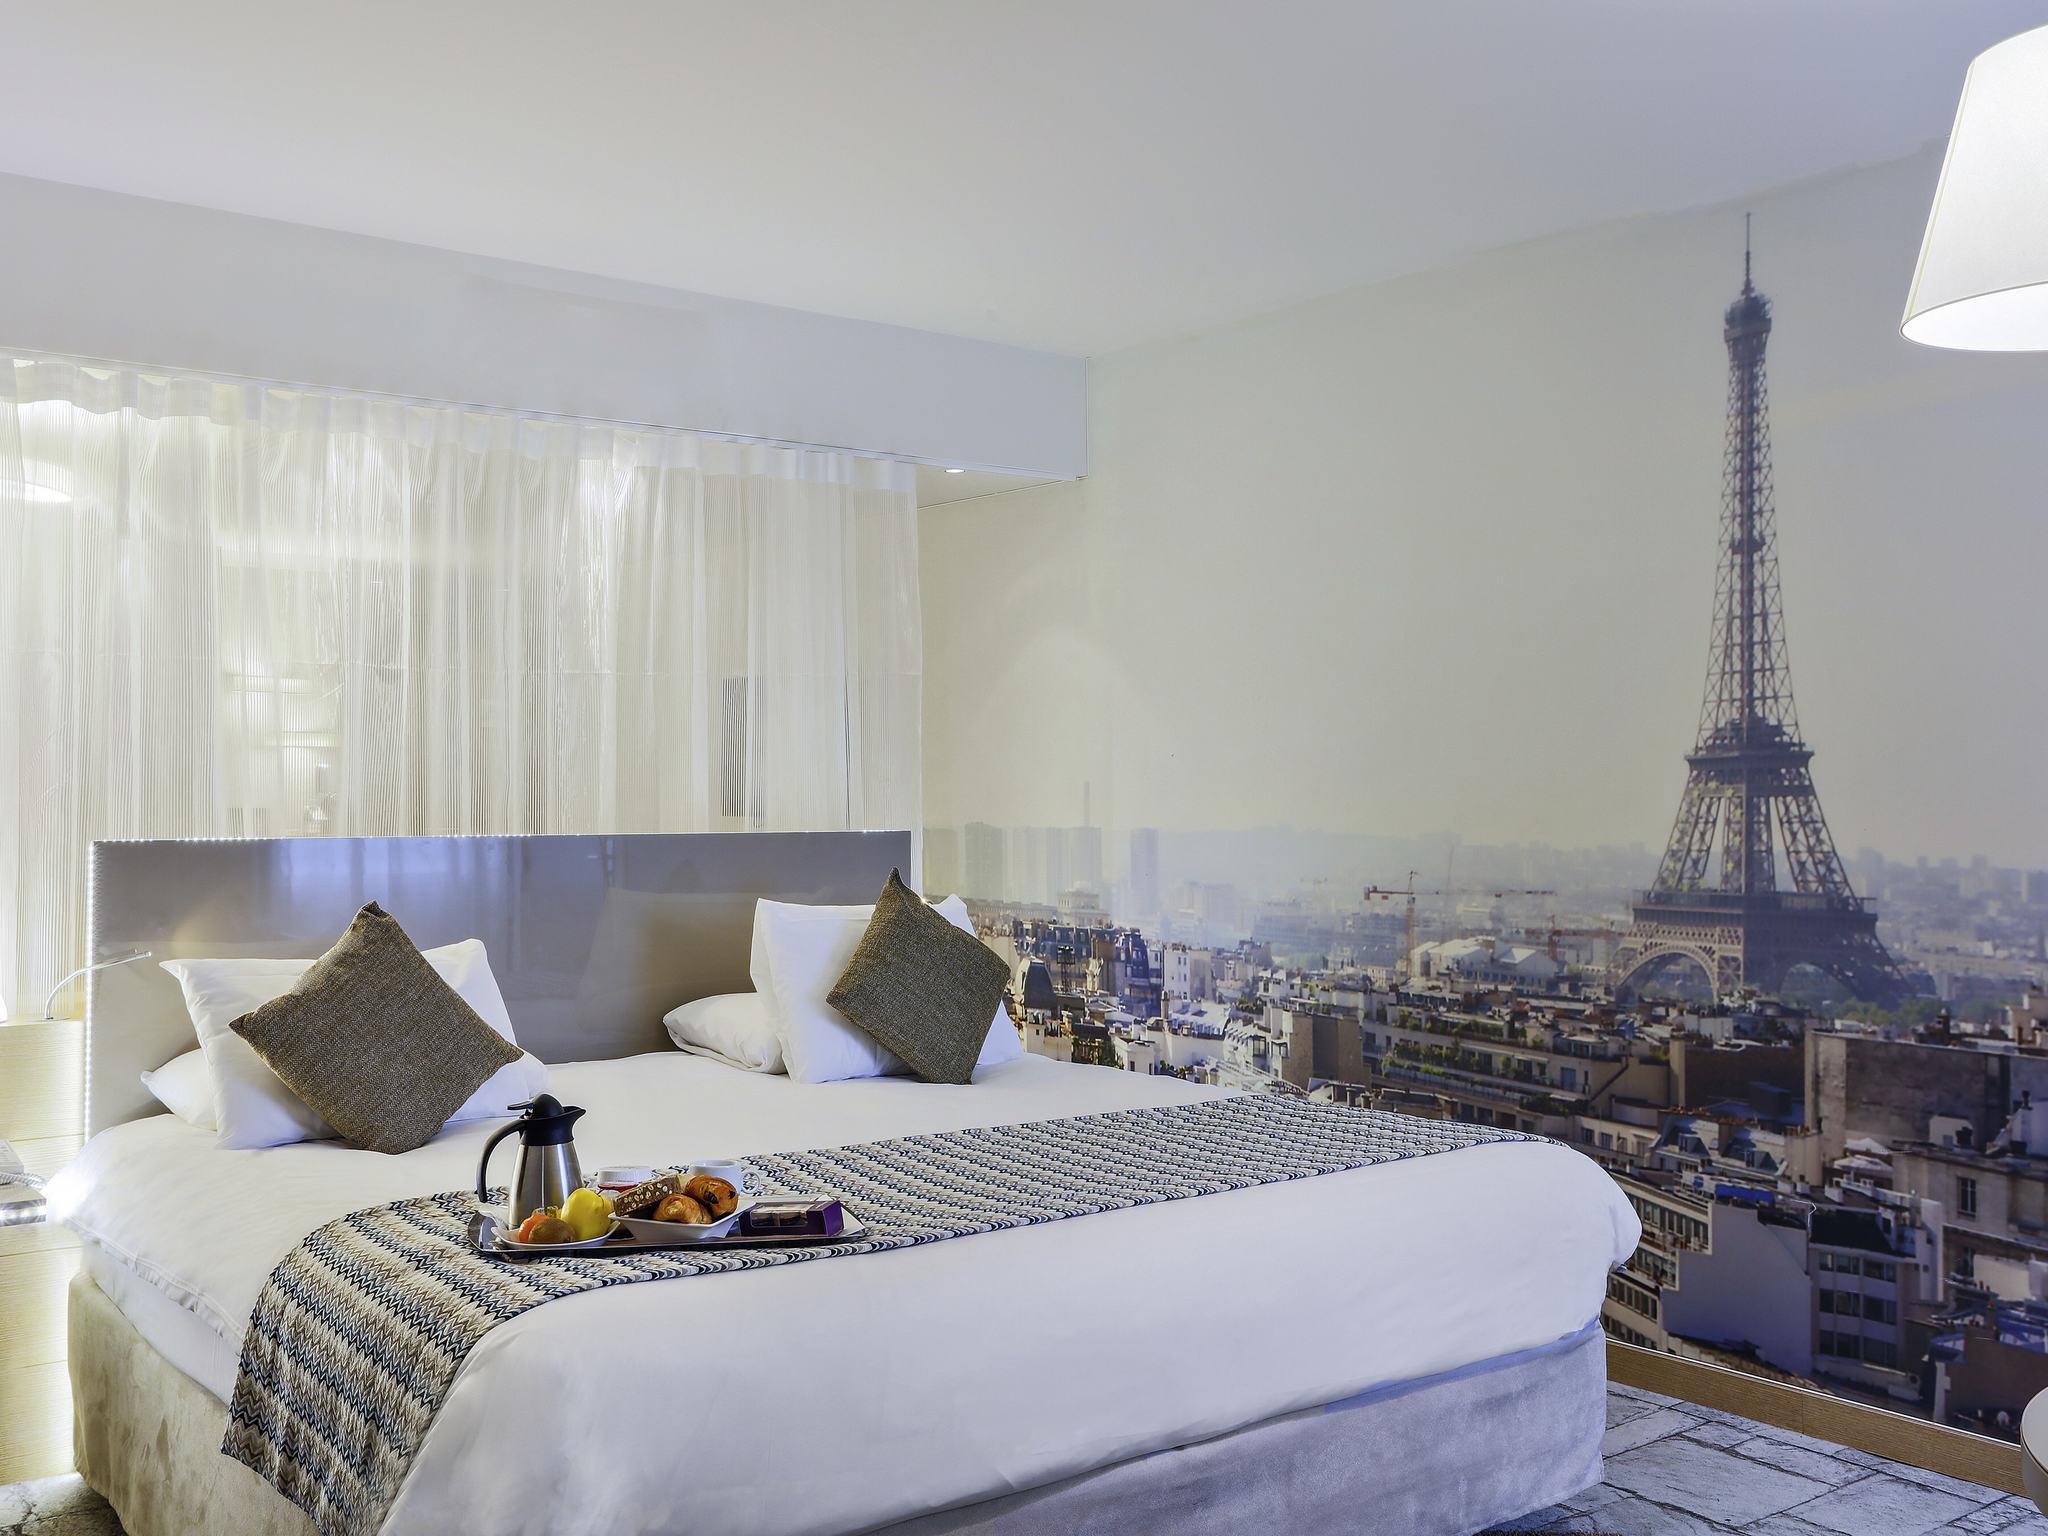 โรงแรม – โรงแรม เมอร์เคียว ปารีส วูกิราร์ด ปอร์ต เดอ แวร์ซาย